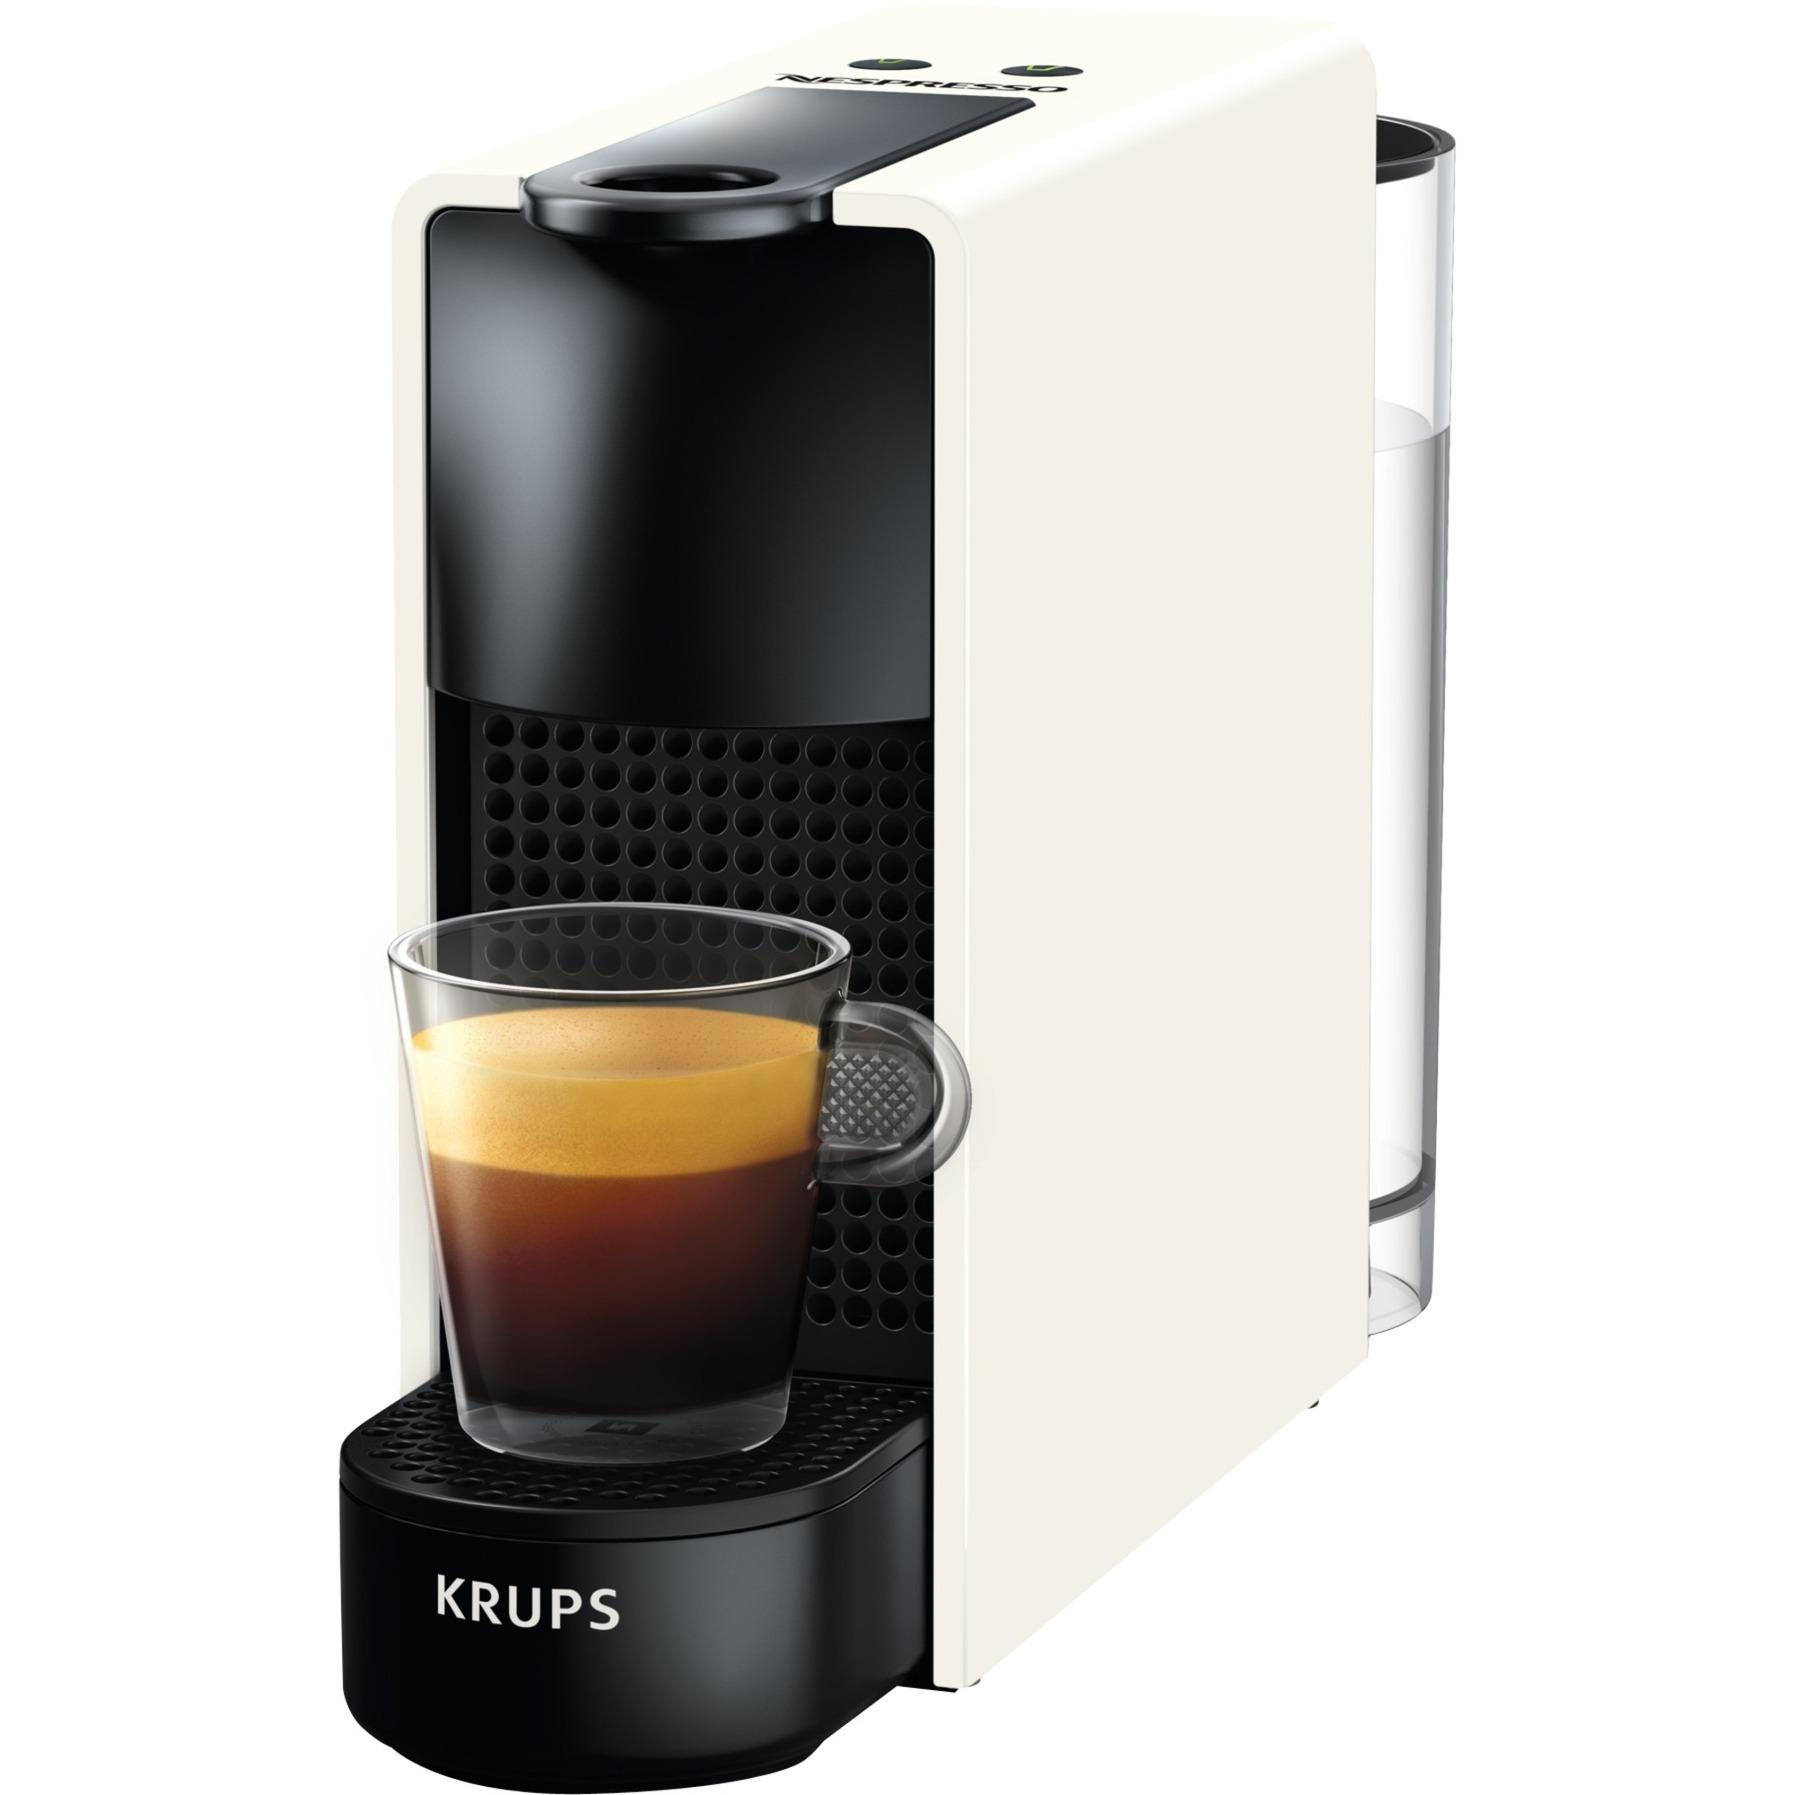 Essenza Mini XN110110 Independiente Máquina de café en cápsulas Negro, Blanco 0,6 L 1 tazas Manual, Cafetera de cápsulas